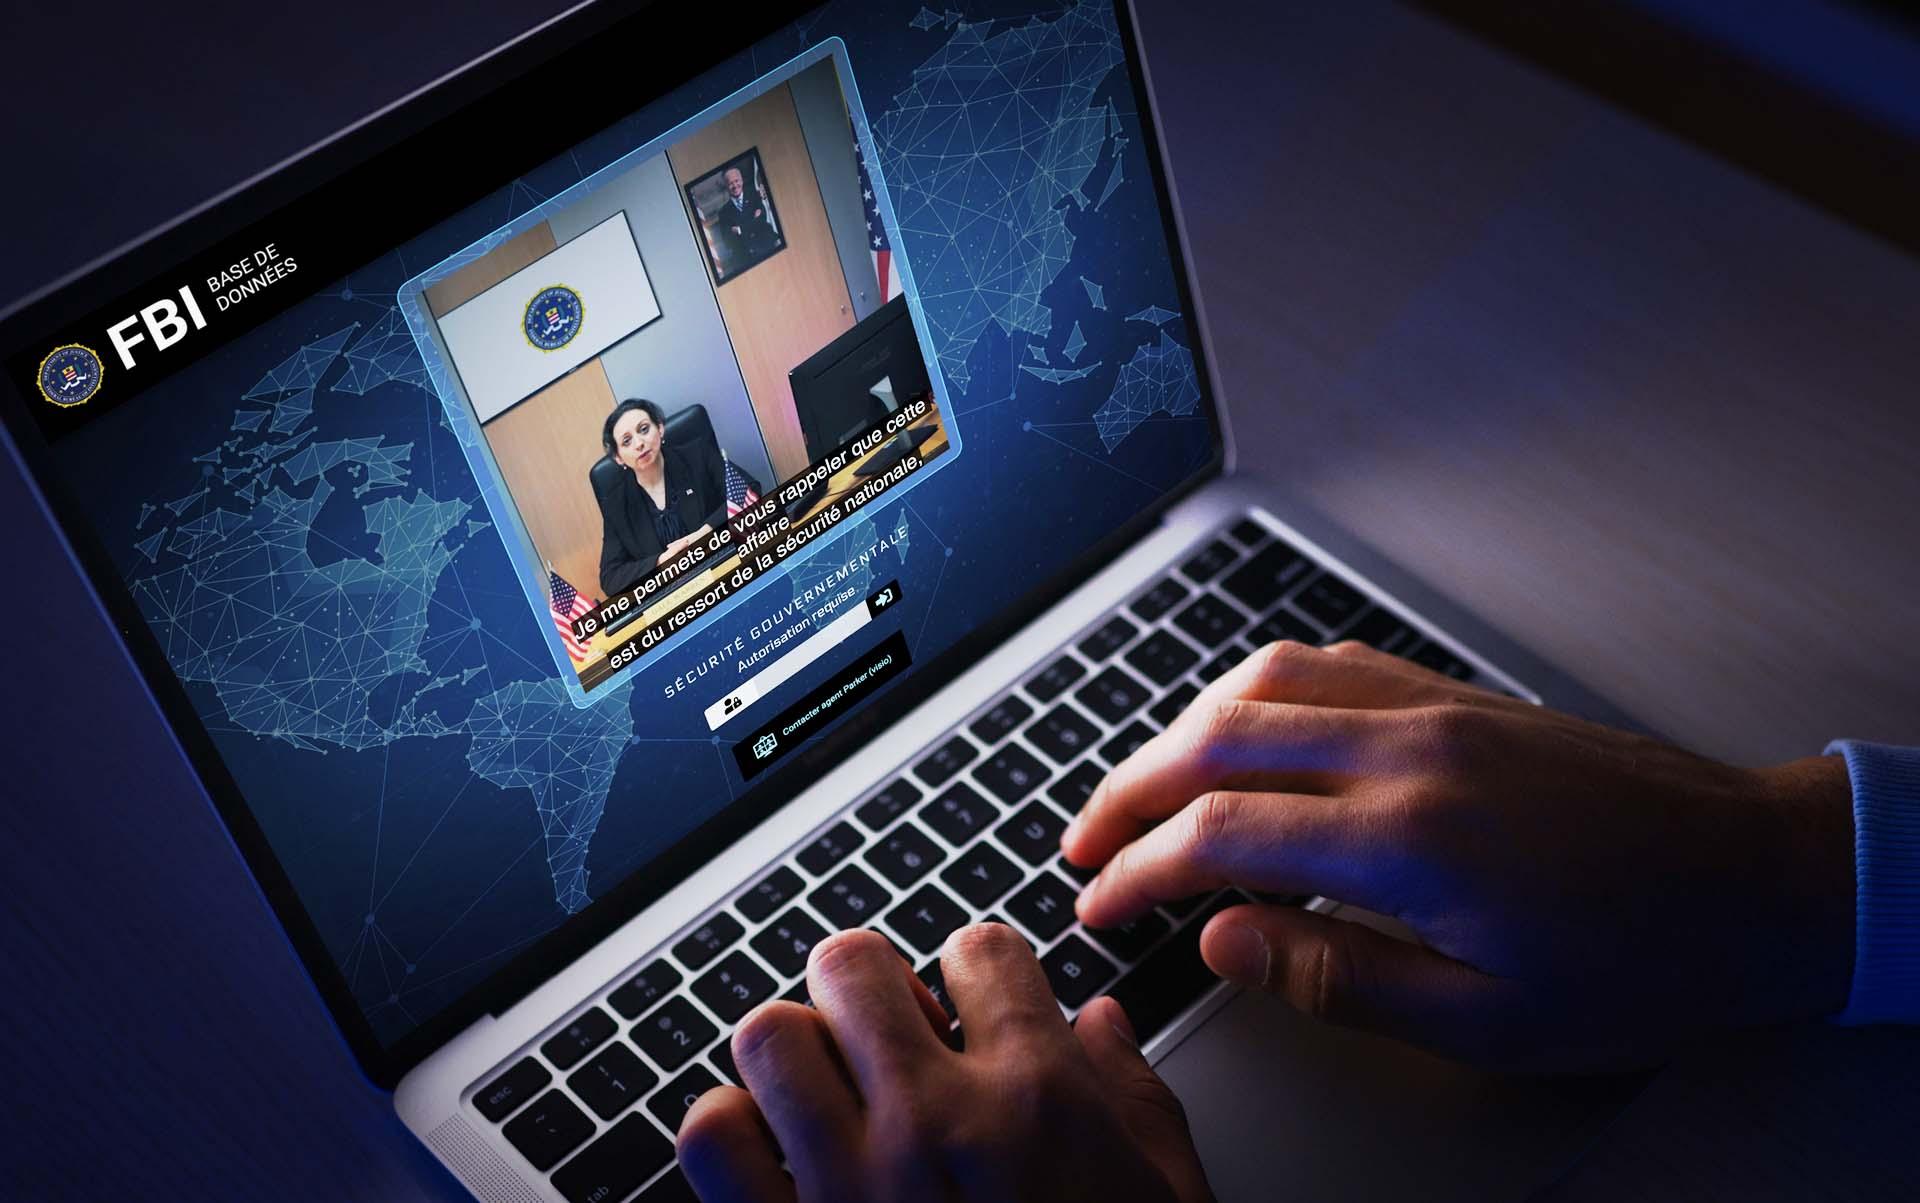 Ux Ui Design, design d'expérience utilisateur pour l'escape game en ligne Cartel de The Box, réalisé par Zompa Design.